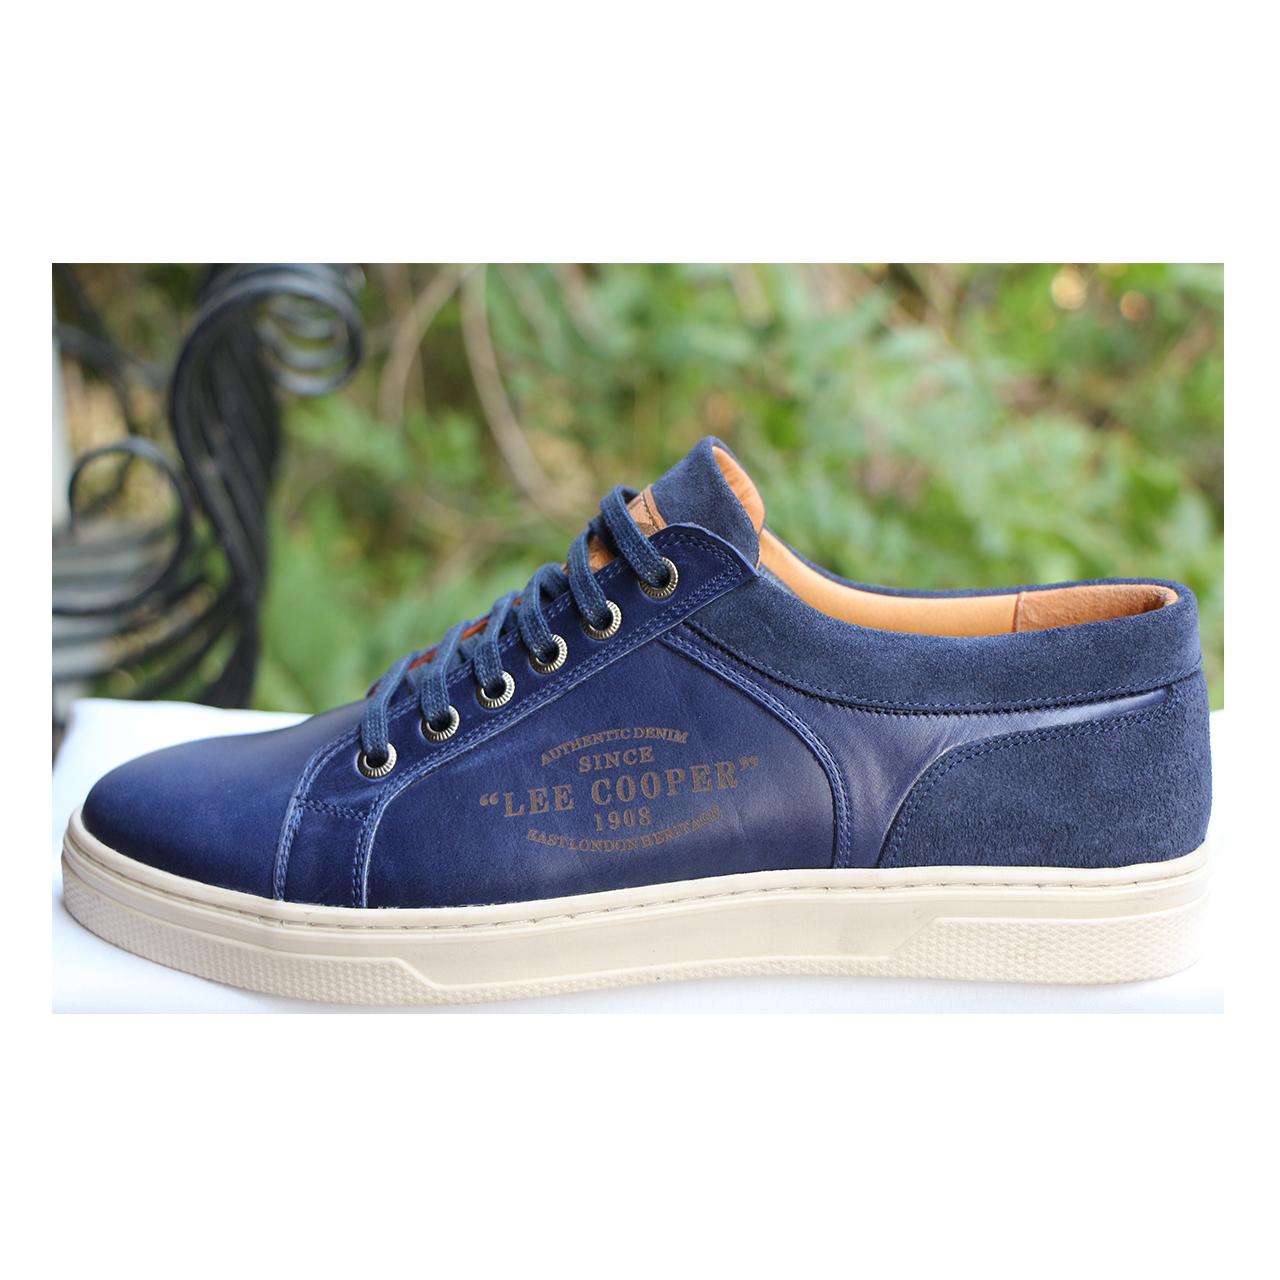 قیمت خرید کفش روزمره مردانه لی کوپر مدل Heritage-nvy اورجینال